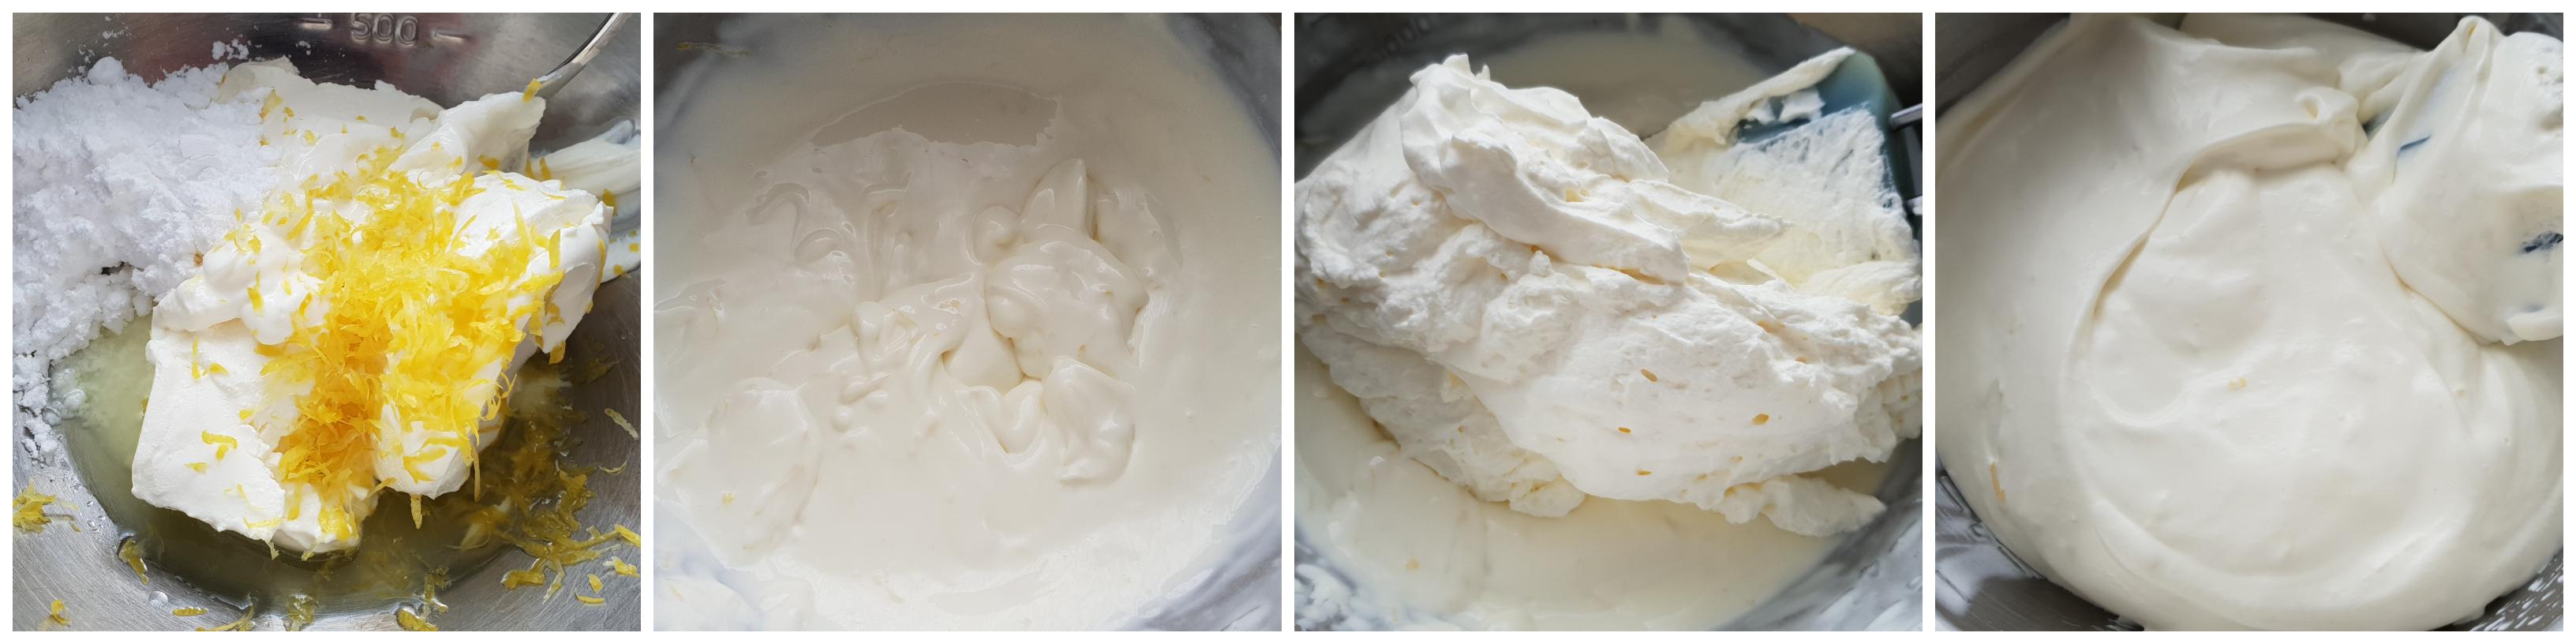 Bereiden van de limoncello-mousse